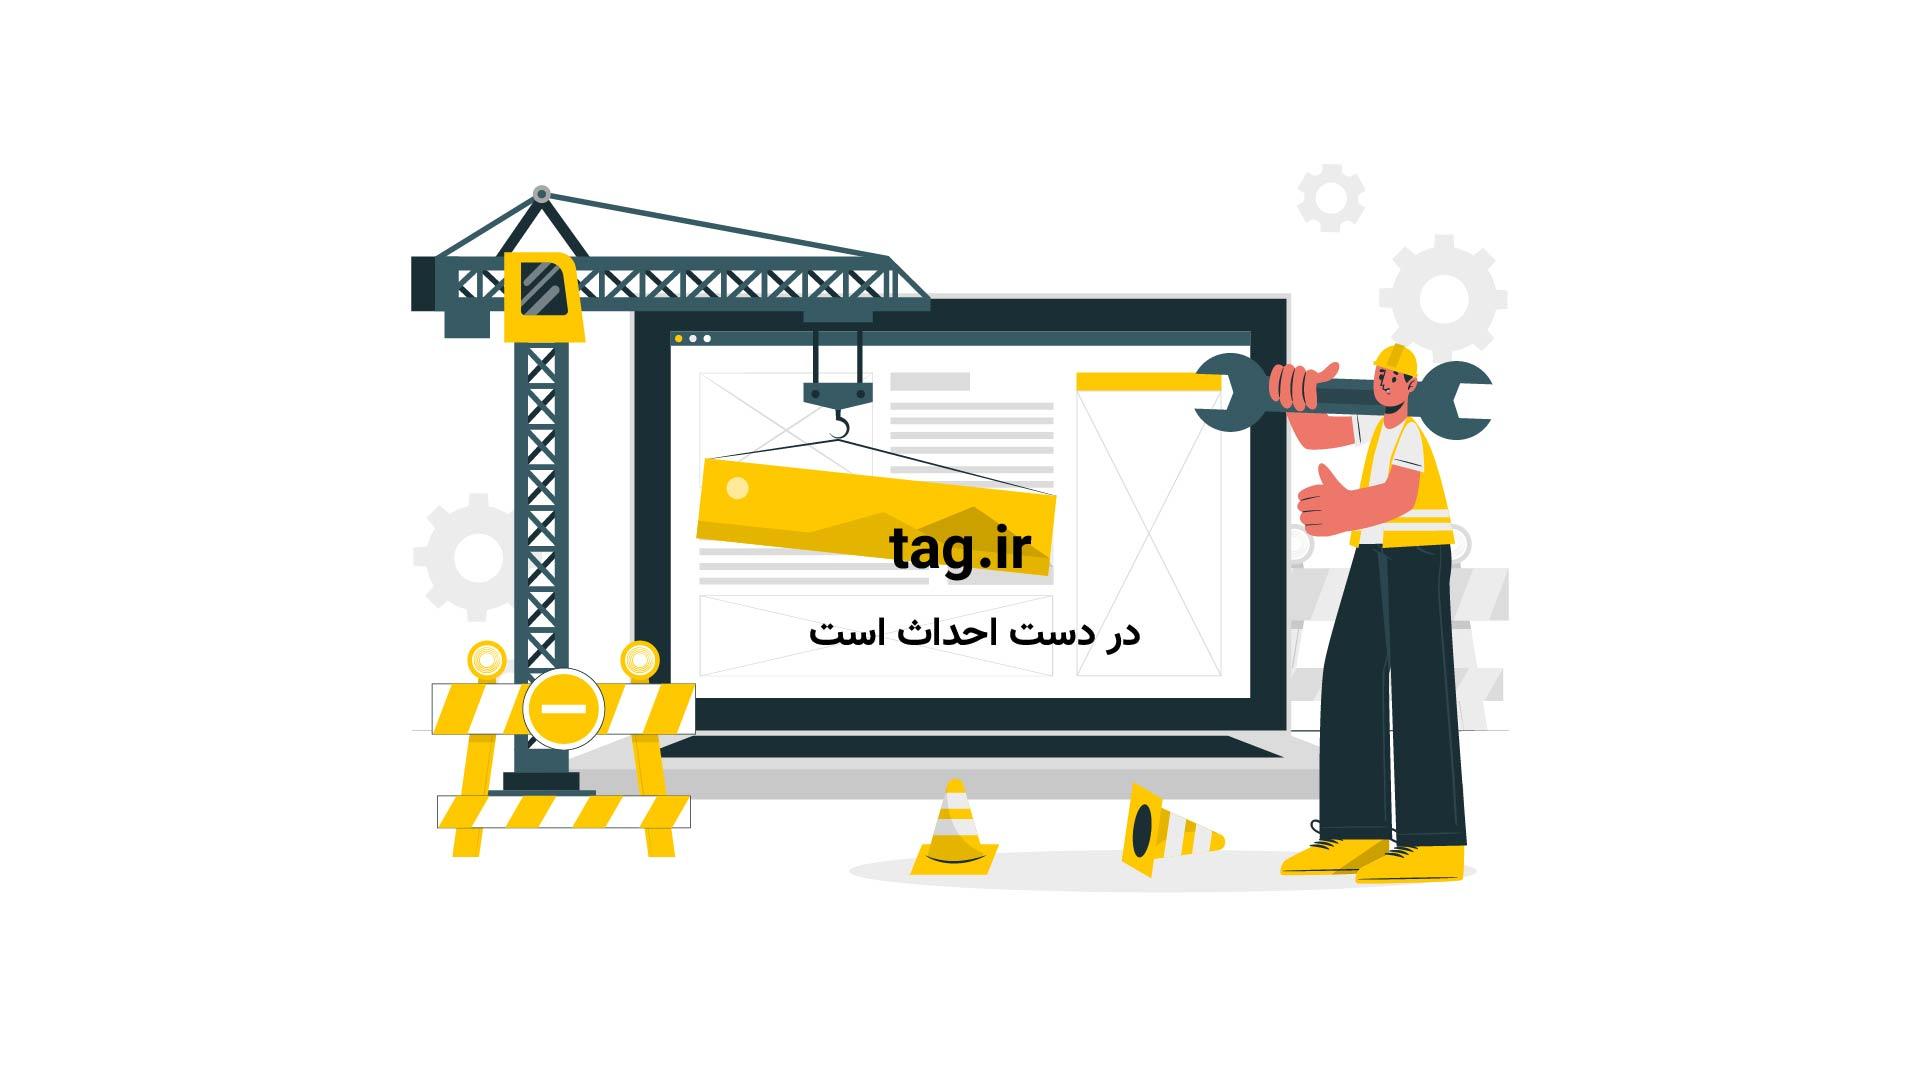 کبوتر | تگ